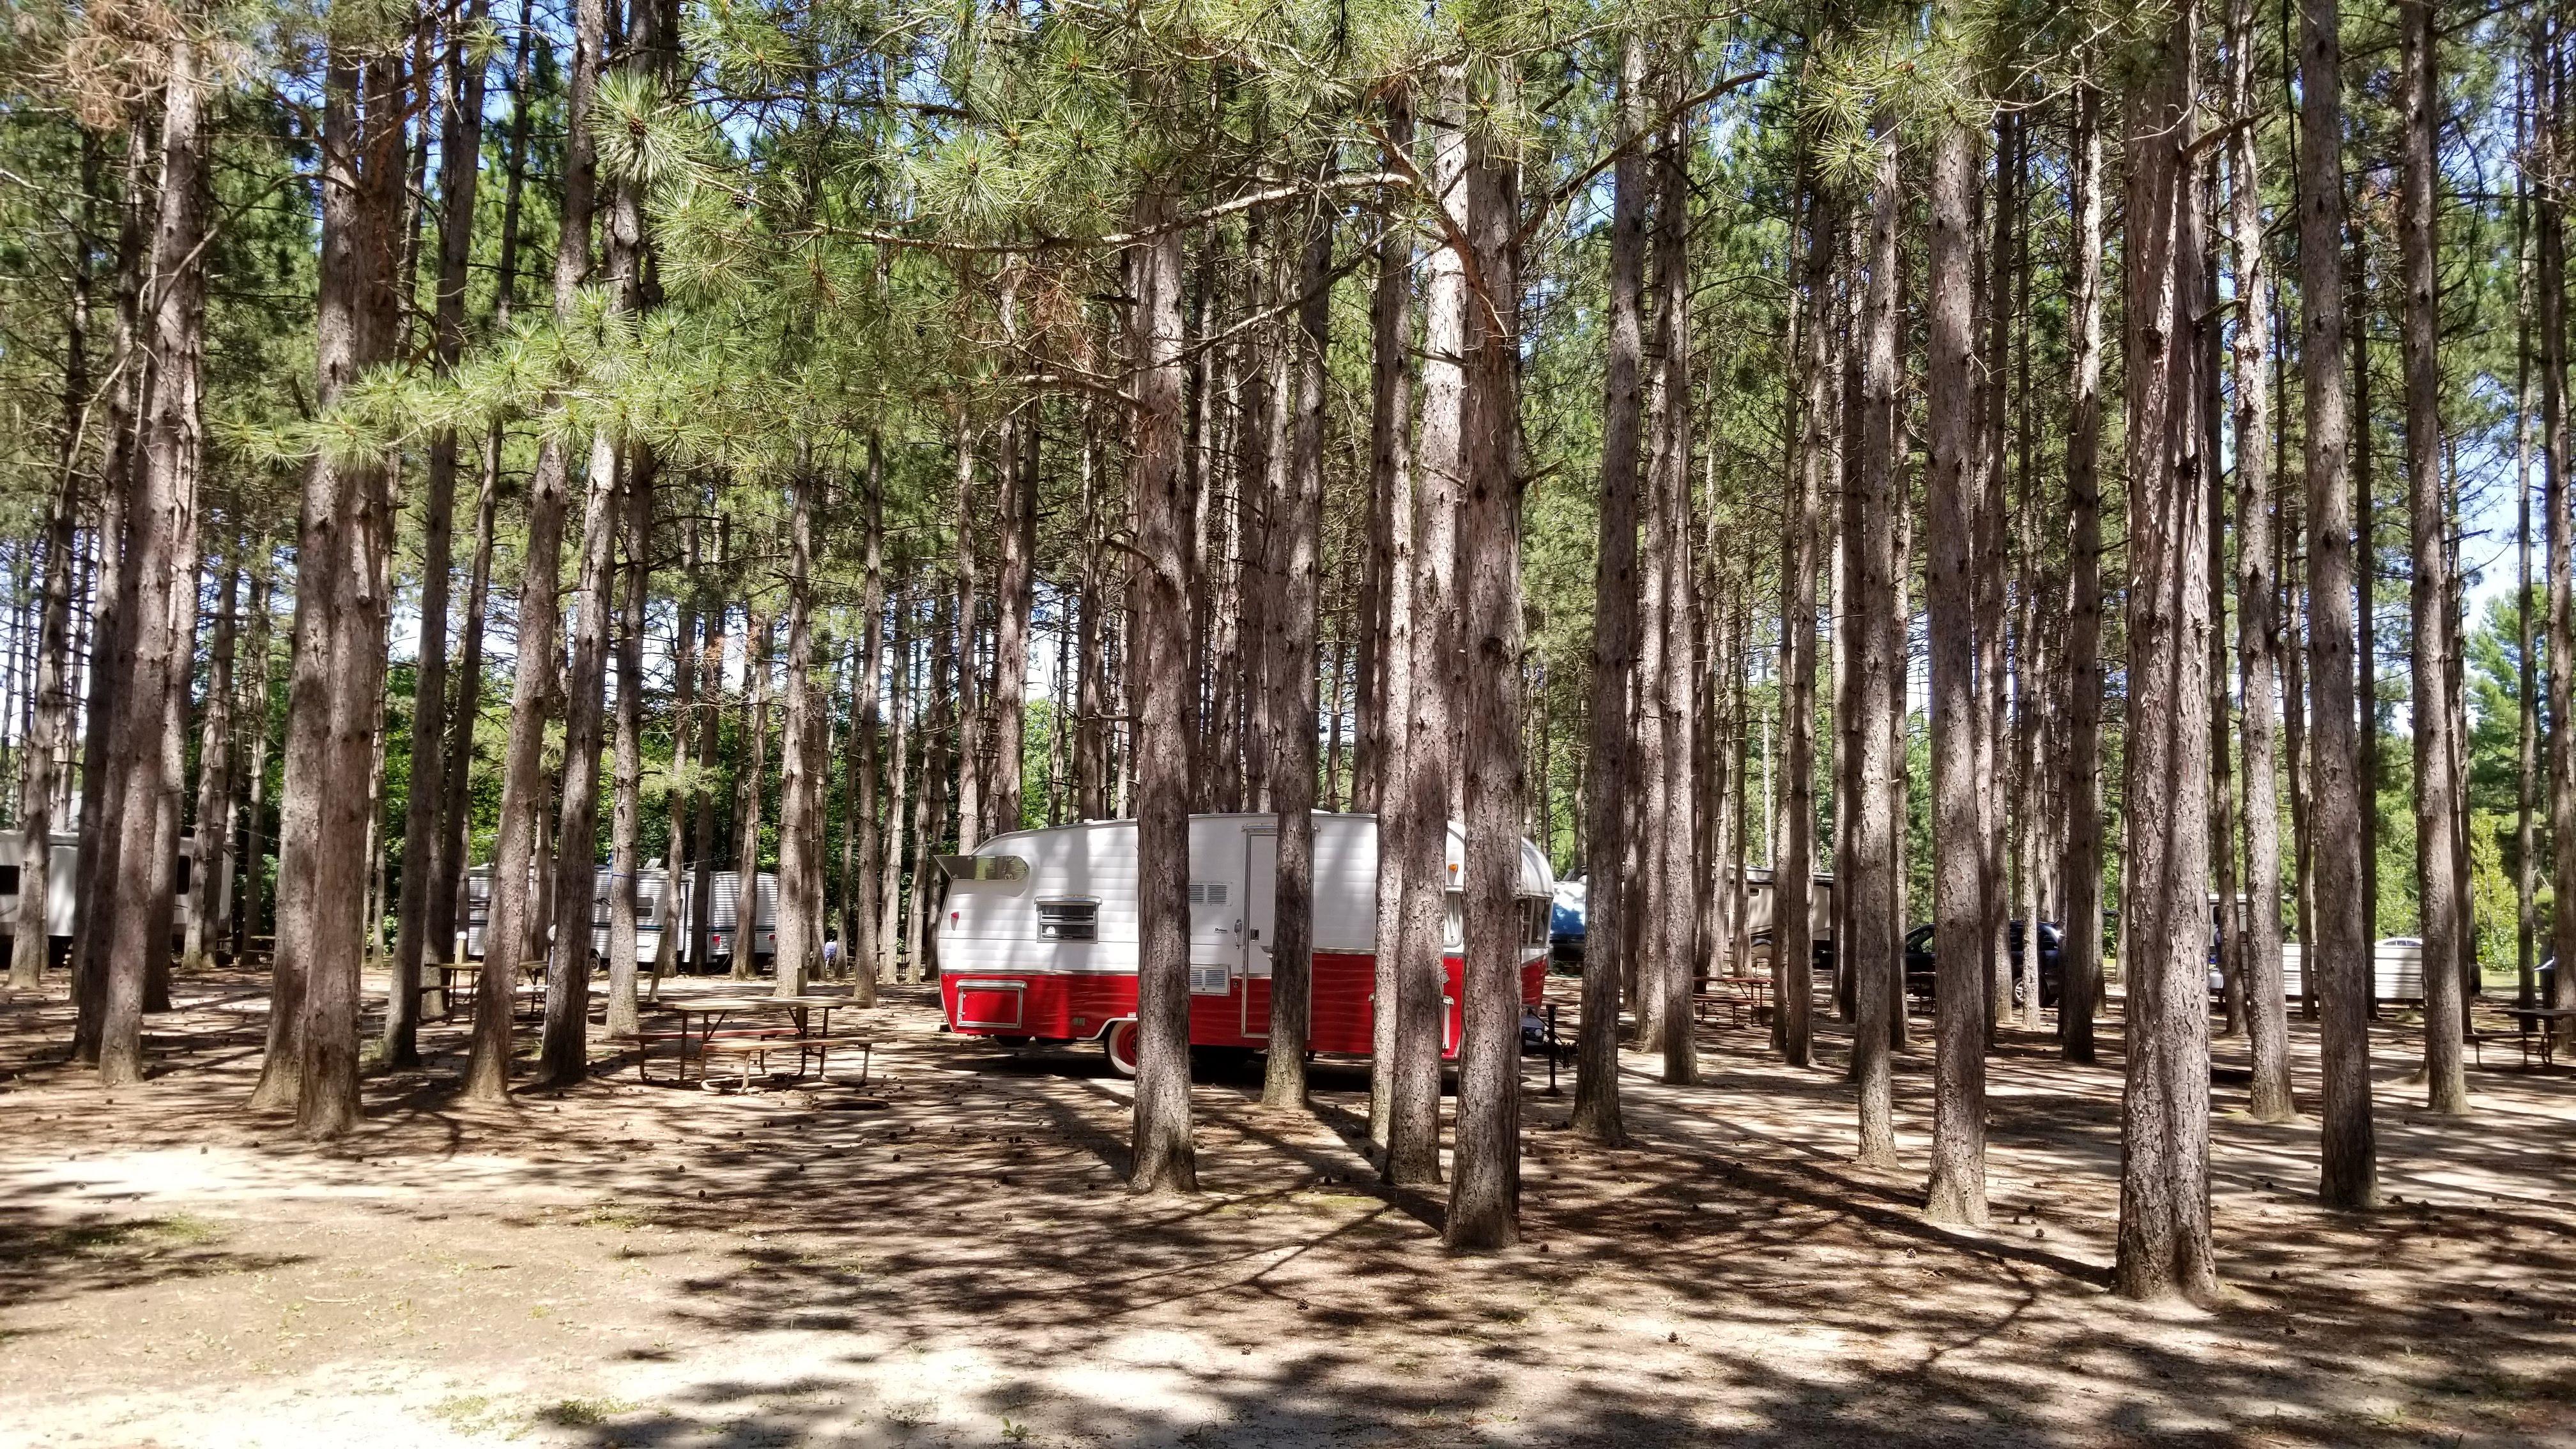 Vintage Camper in Pines